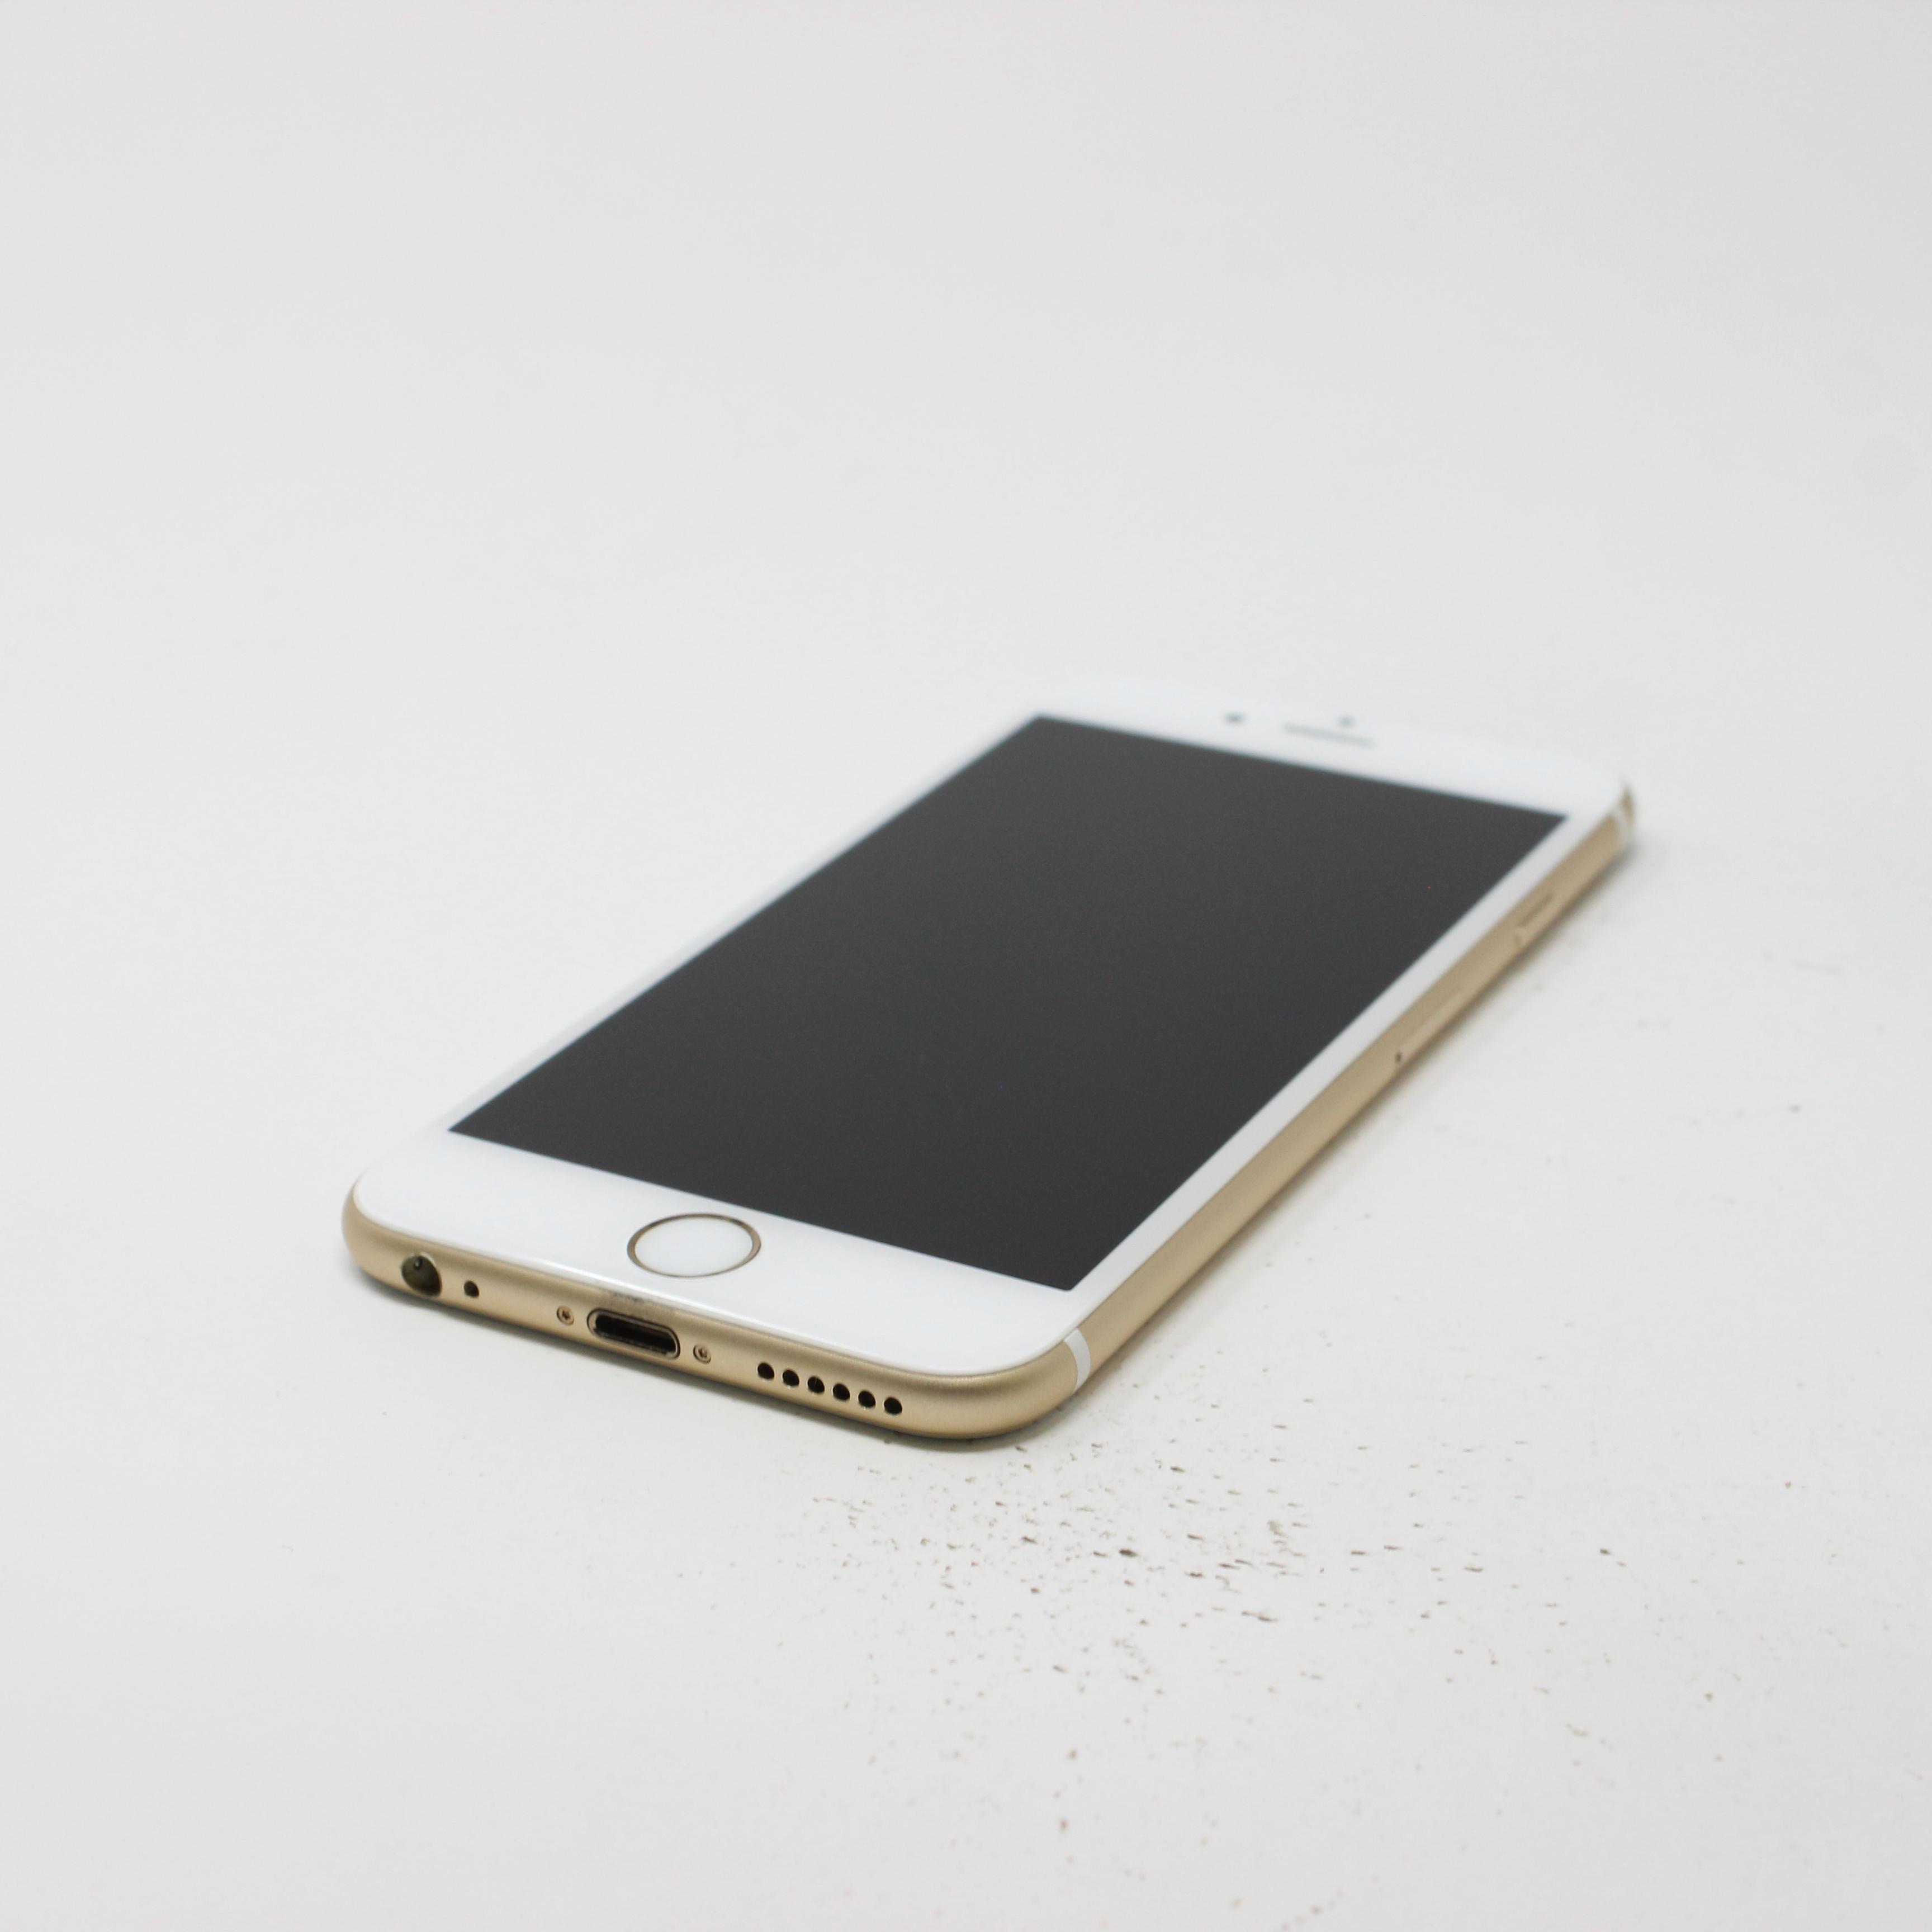 iPhone 6S 16GB Gold - T-Mobile photo 6   UpTradeit.com